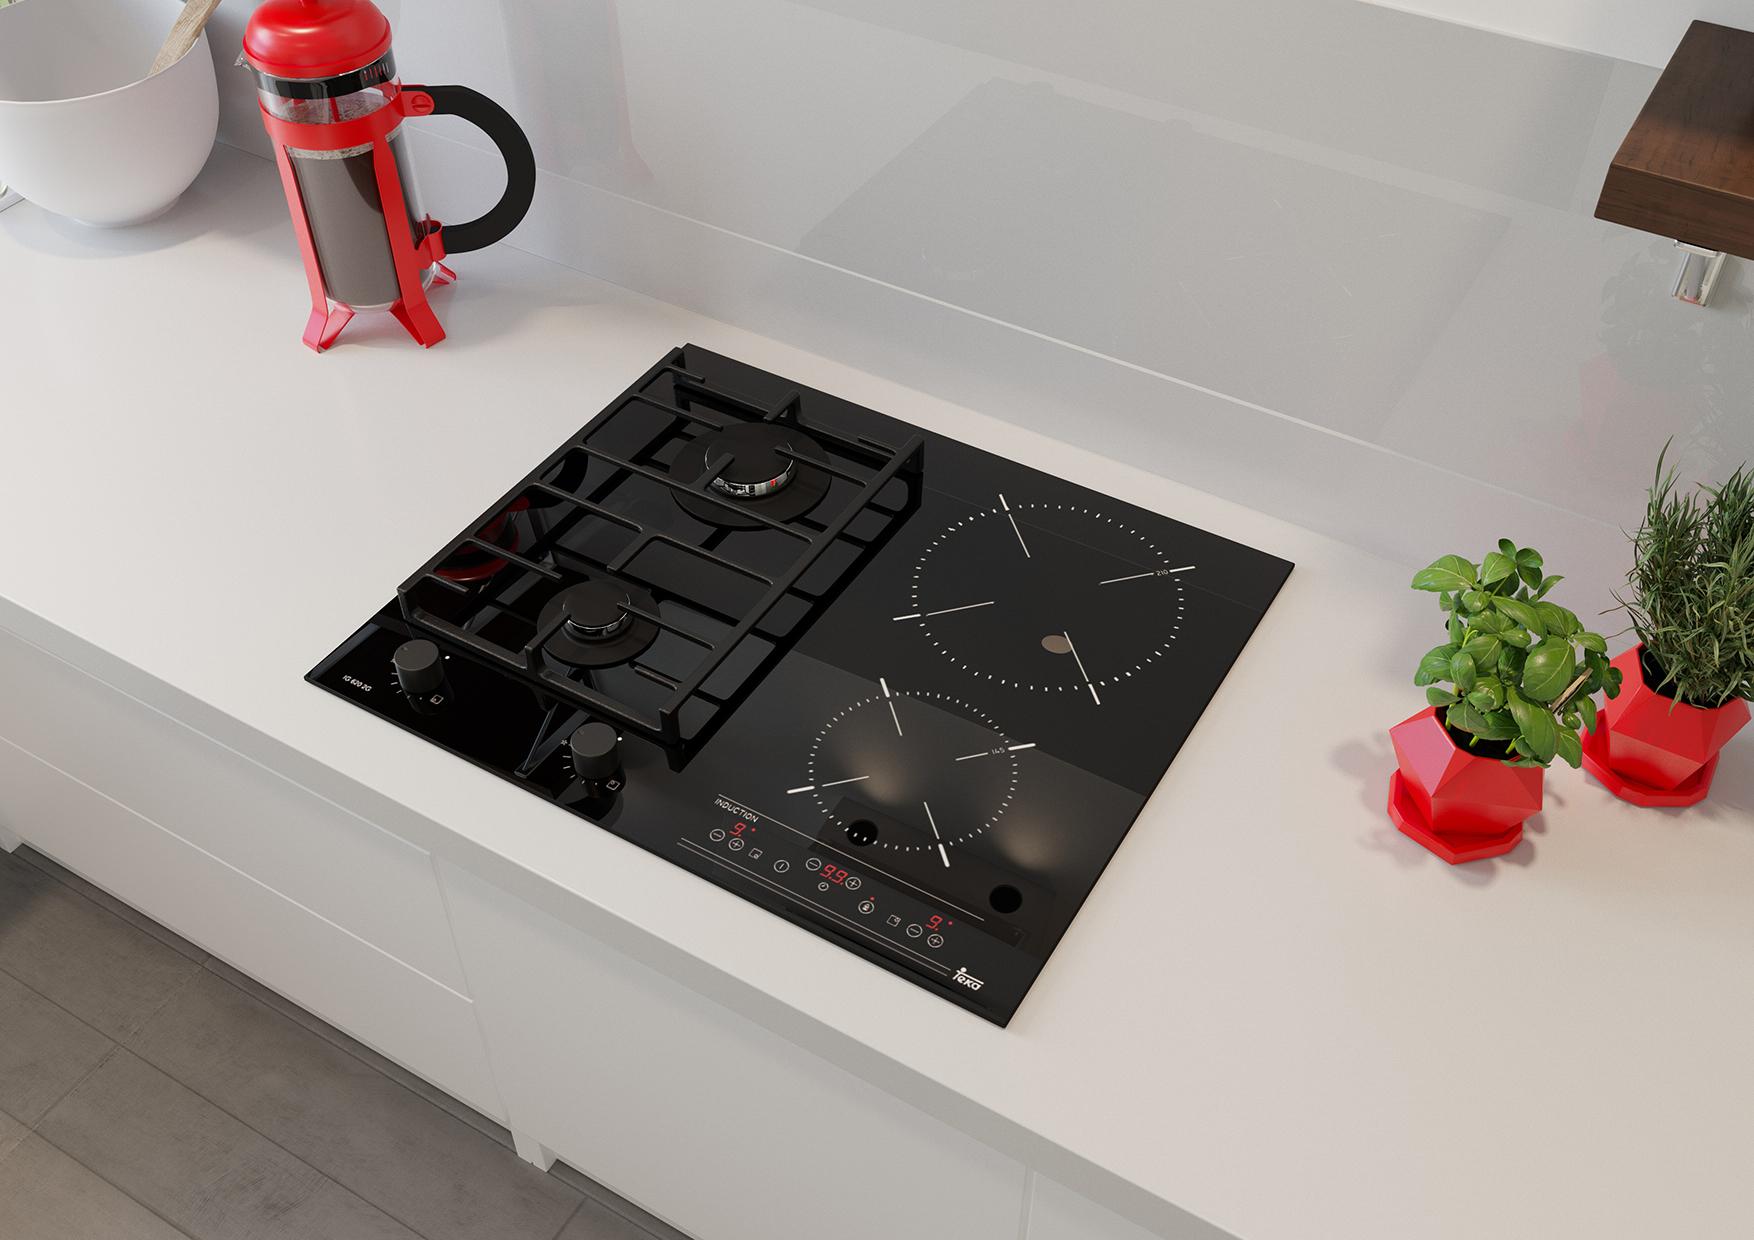 wizualizacja kuchni_mebli kuchennych (2).jpg